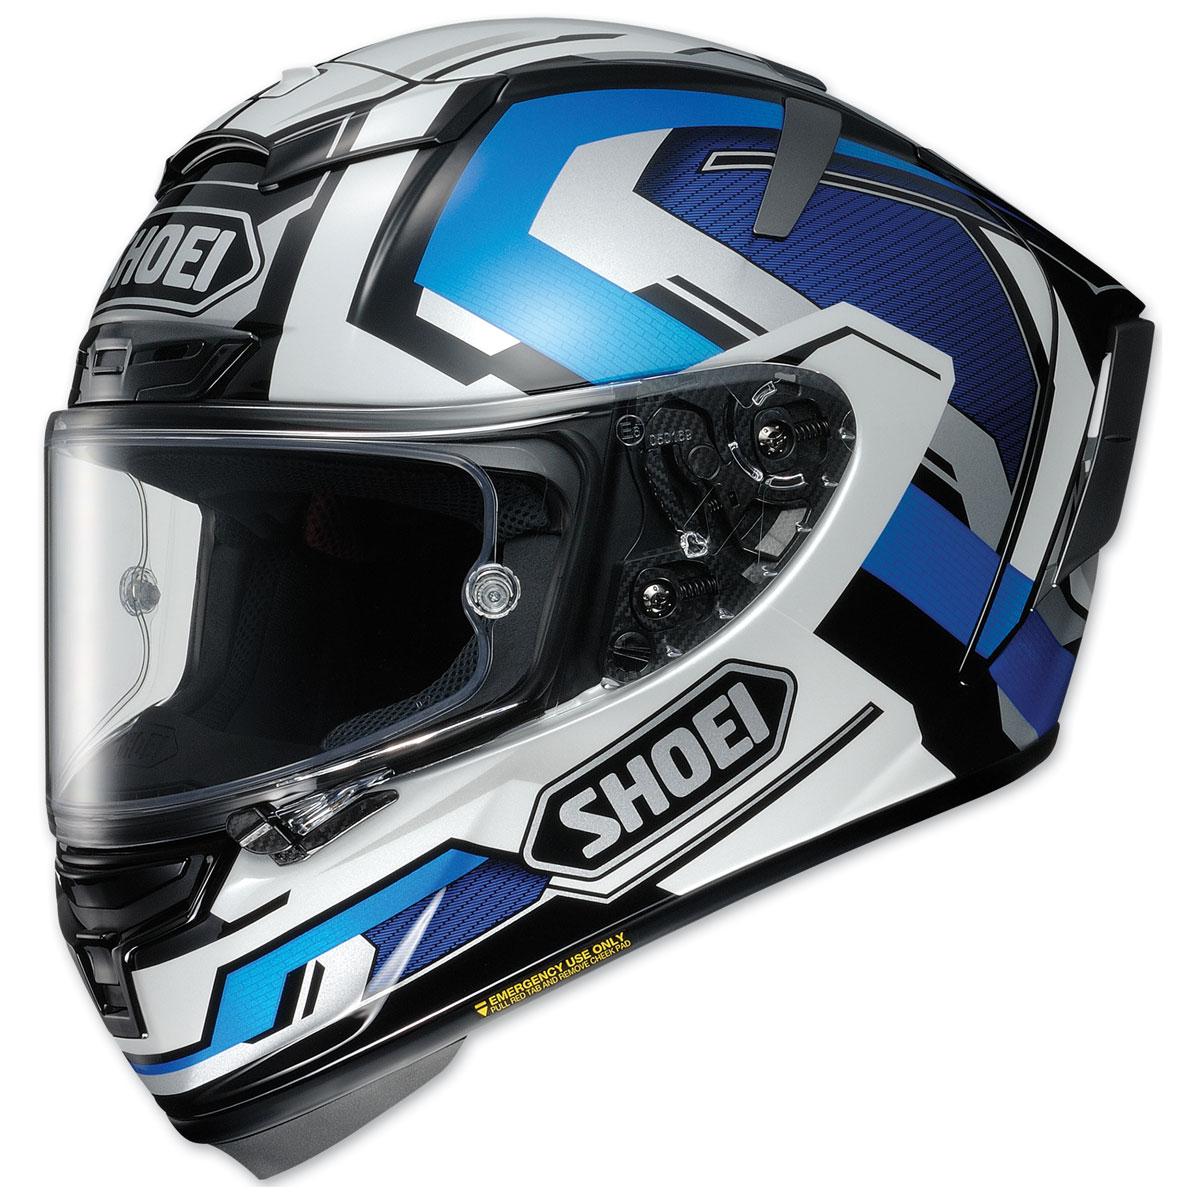 Shoei X-Fourteen Brink Blue/White Full Face Helmet